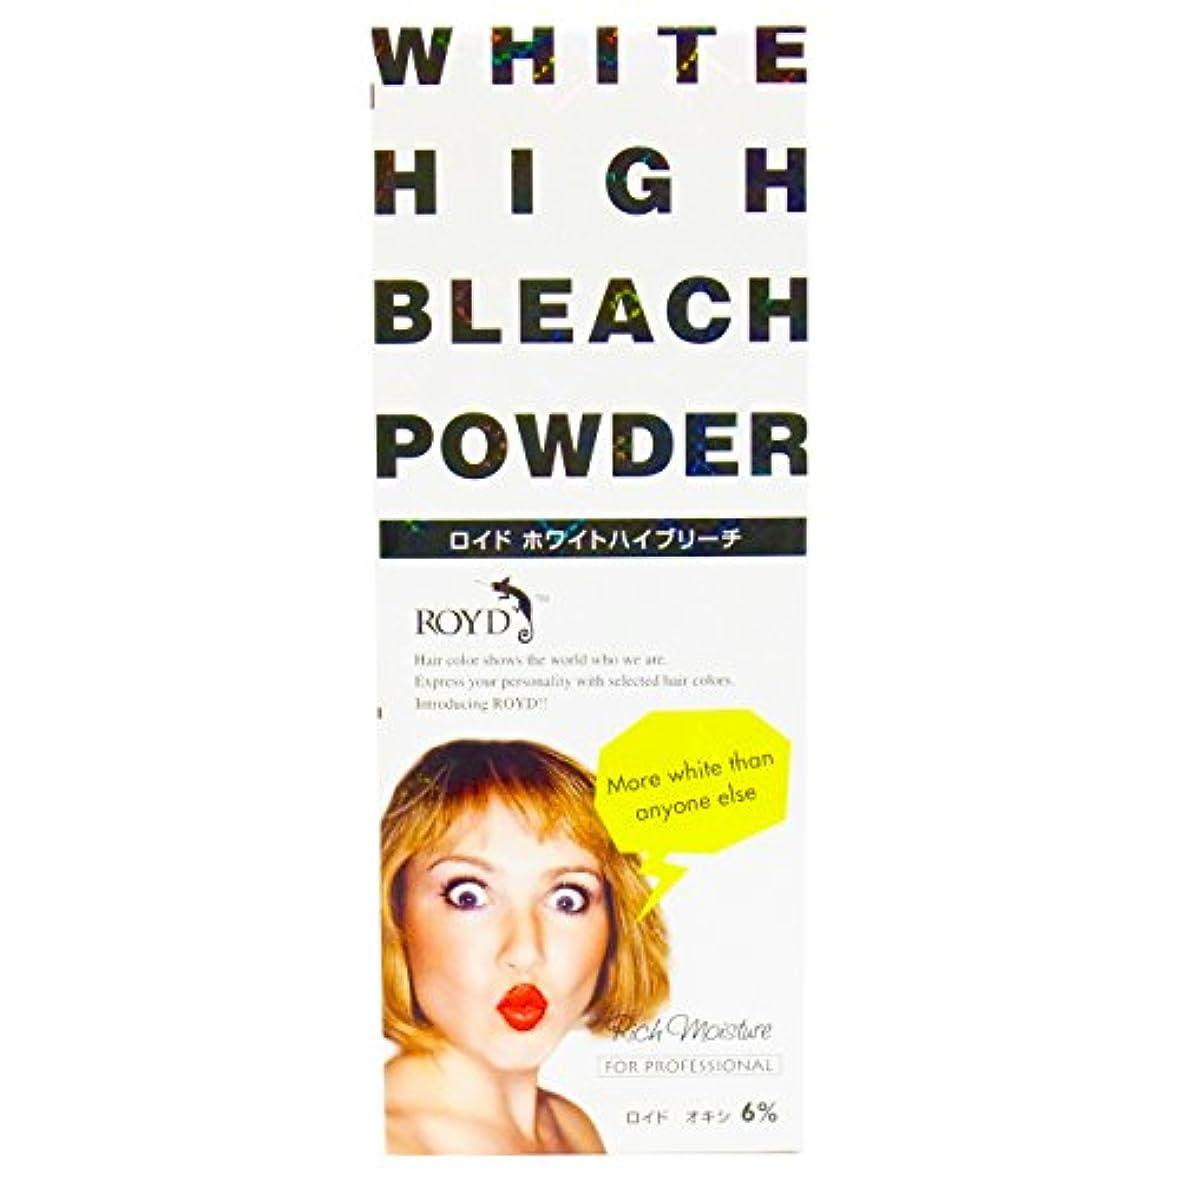 中に編集者居心地の良いロイド ホワイトハイブリーチパウダー & ロイドオキシ 6% (30g + 90mL)